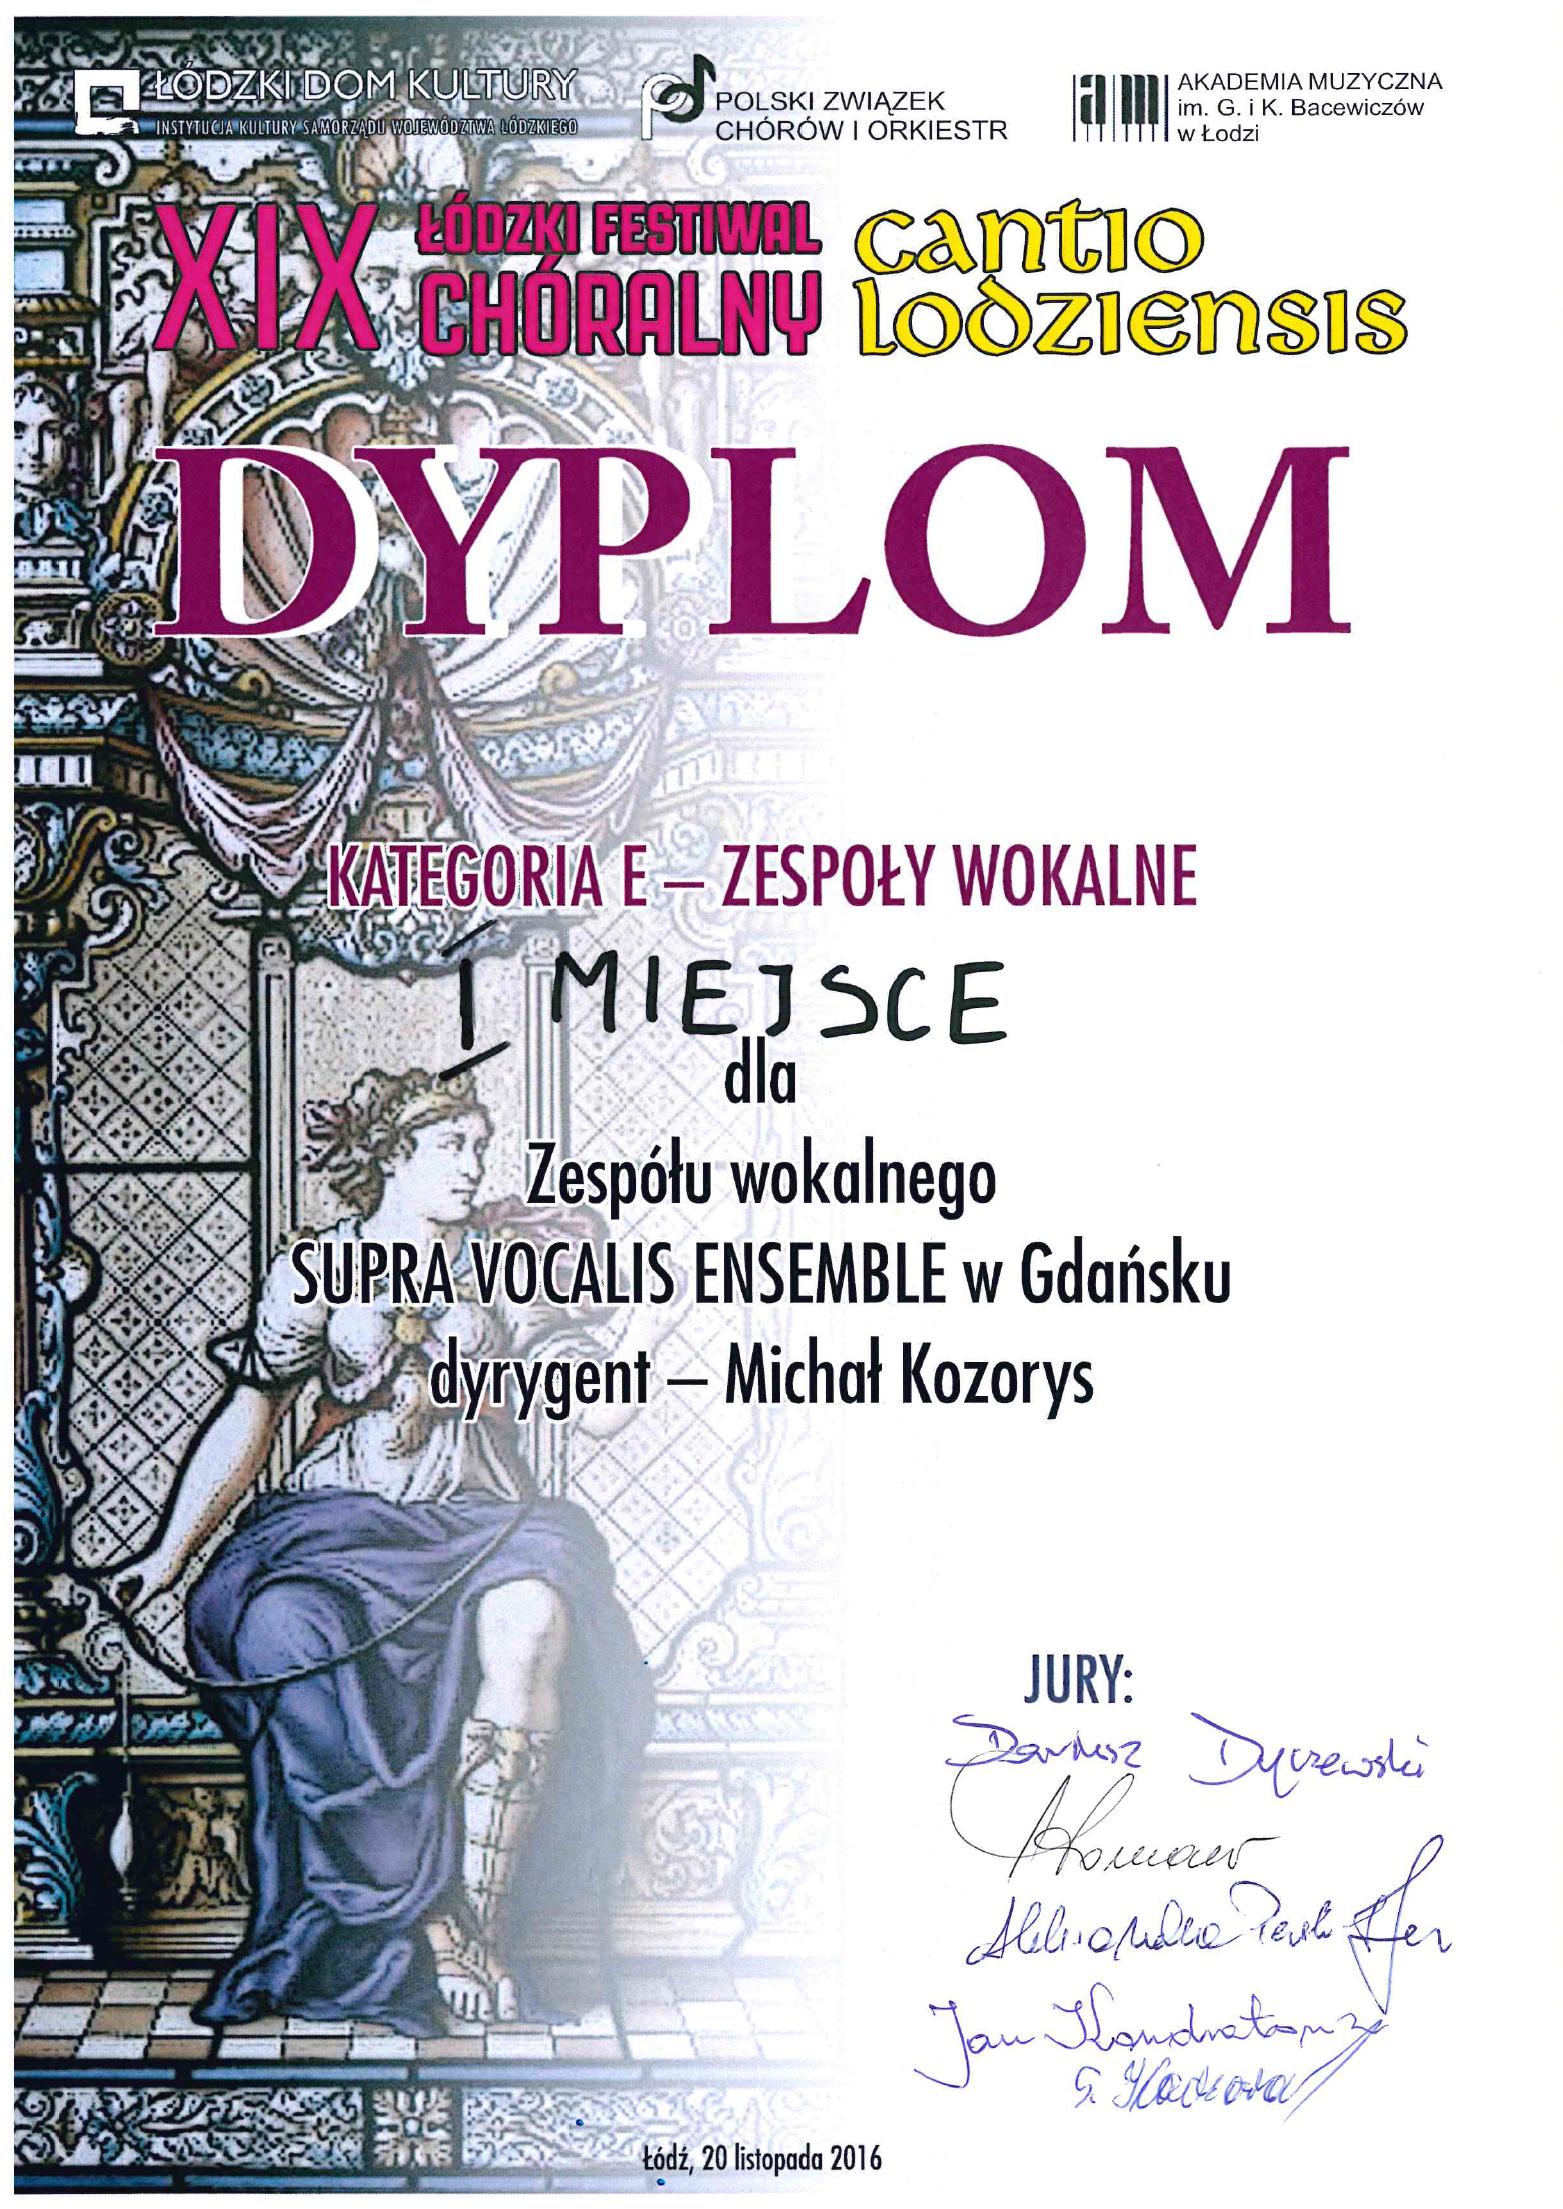 supra-vocalis-ensemble_imsce_dyplom_lodz_2016